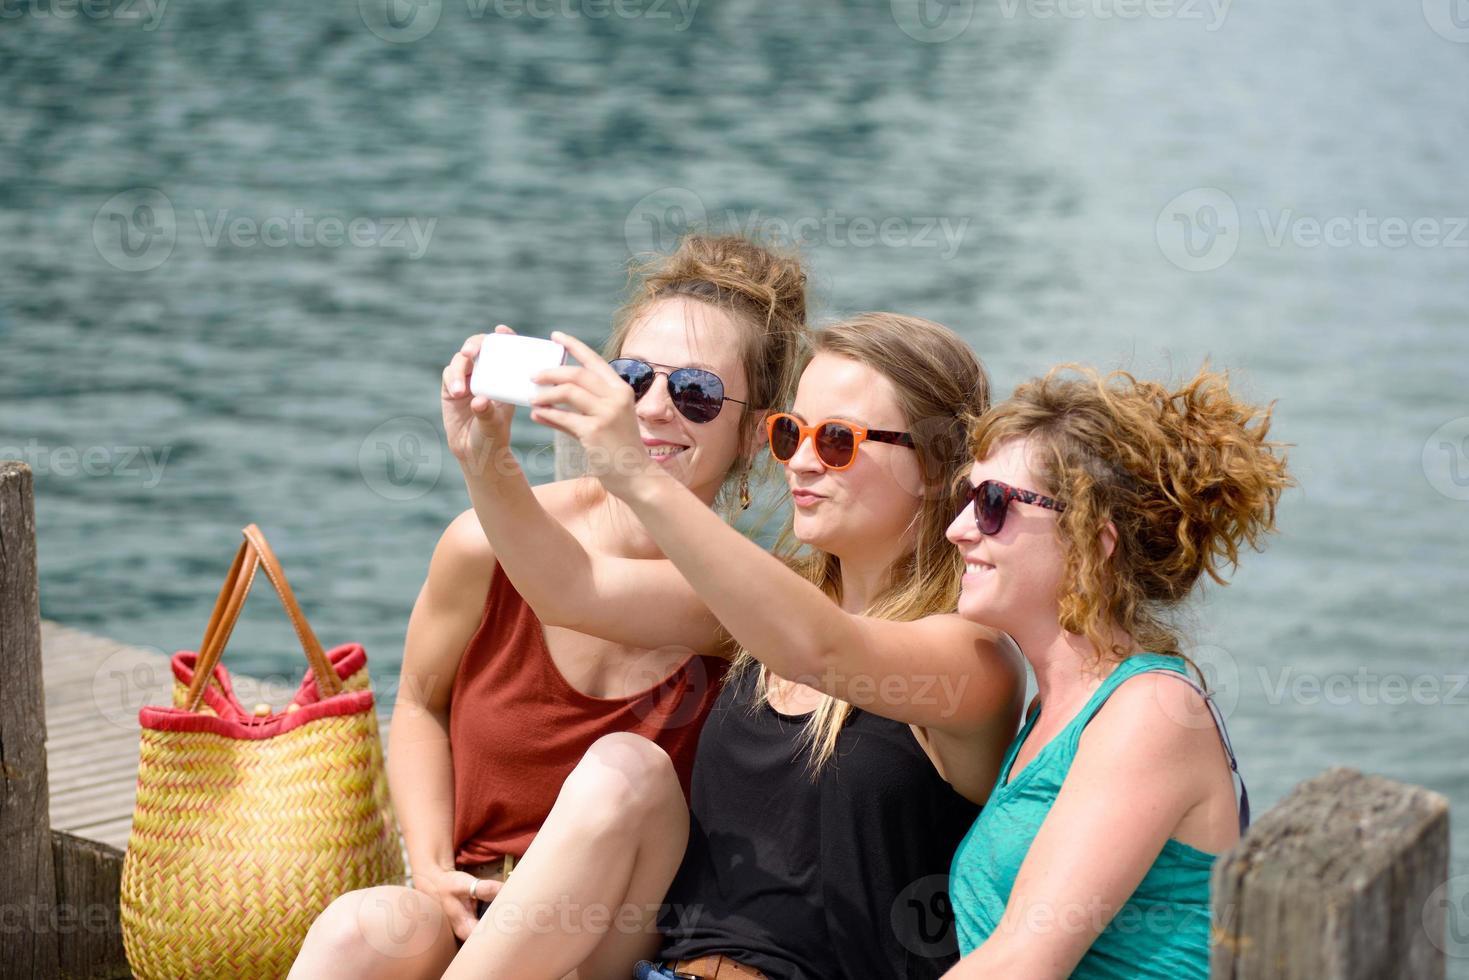 tre giovani donne sulla spiaggia con il loro telefono foto